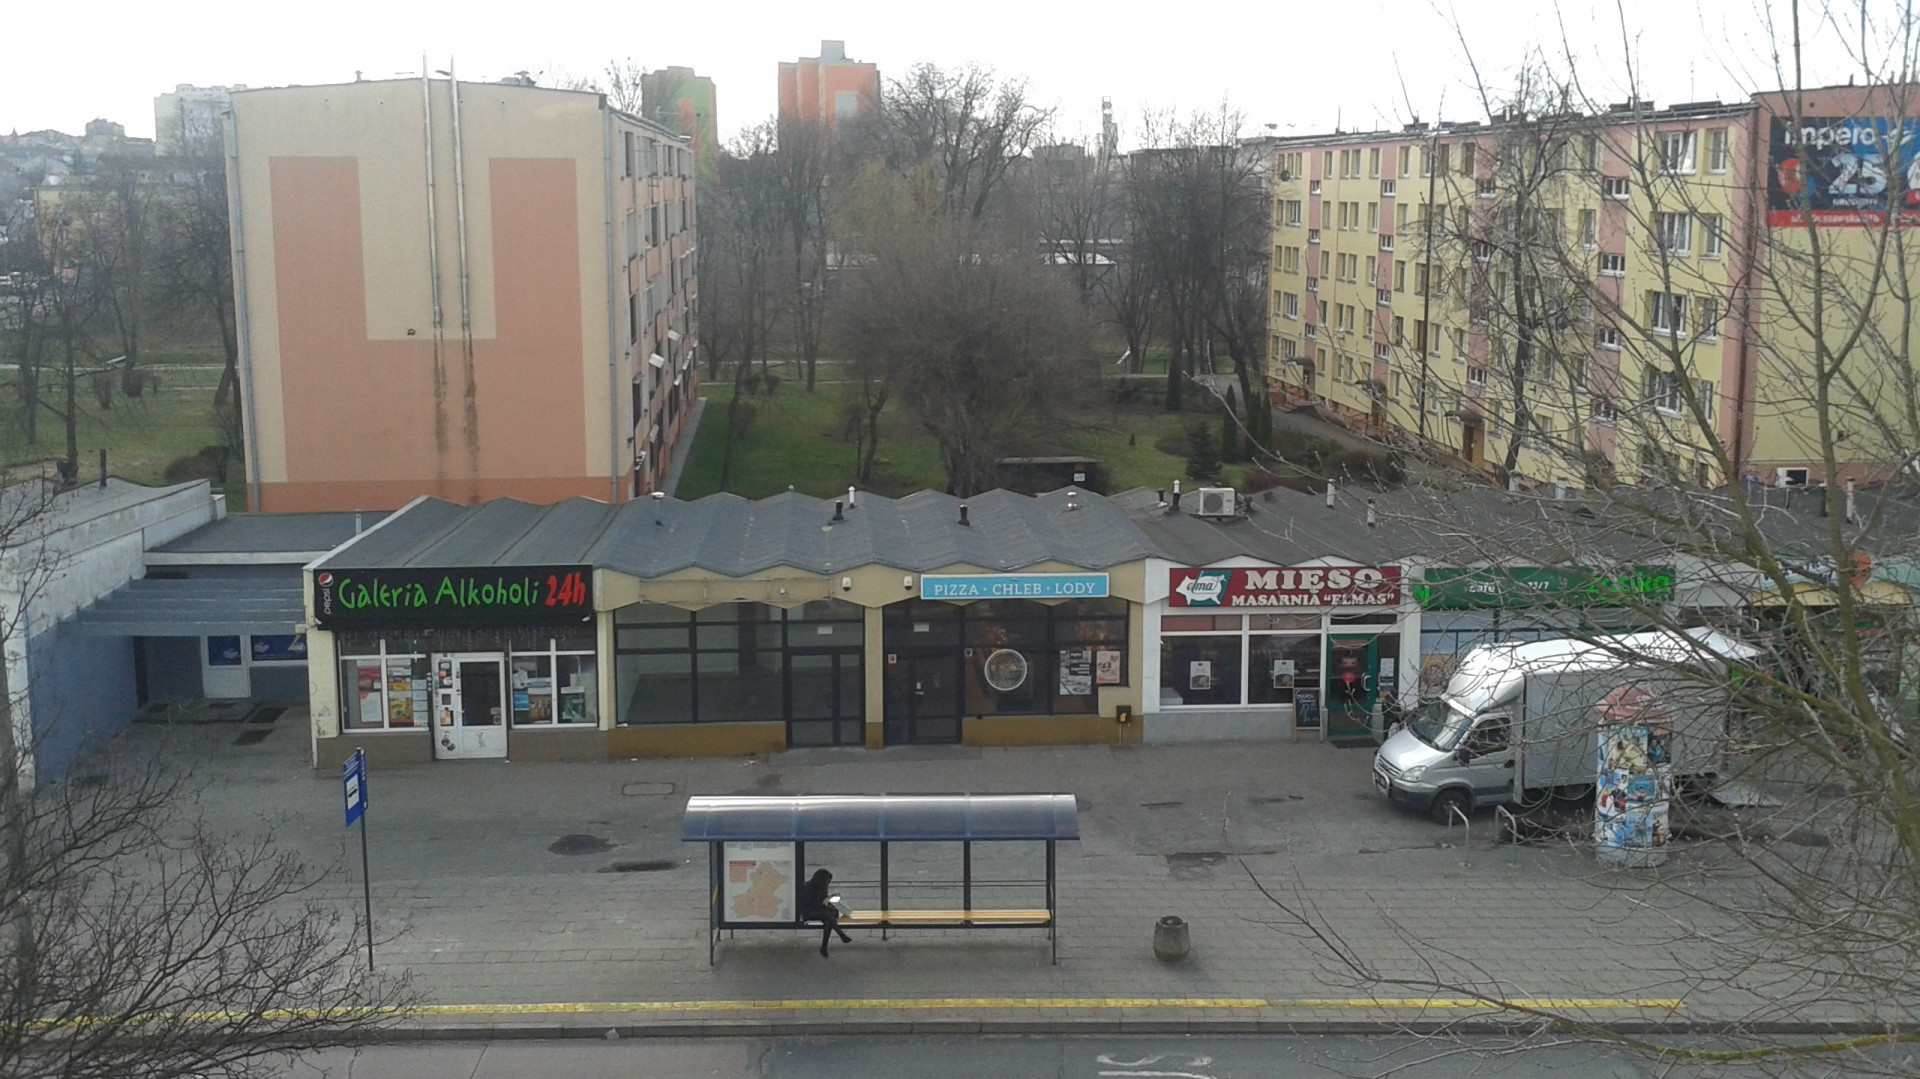 Betonowy skwer na wiosnę zamieni się w zieleniec (fot. zielona akcja)